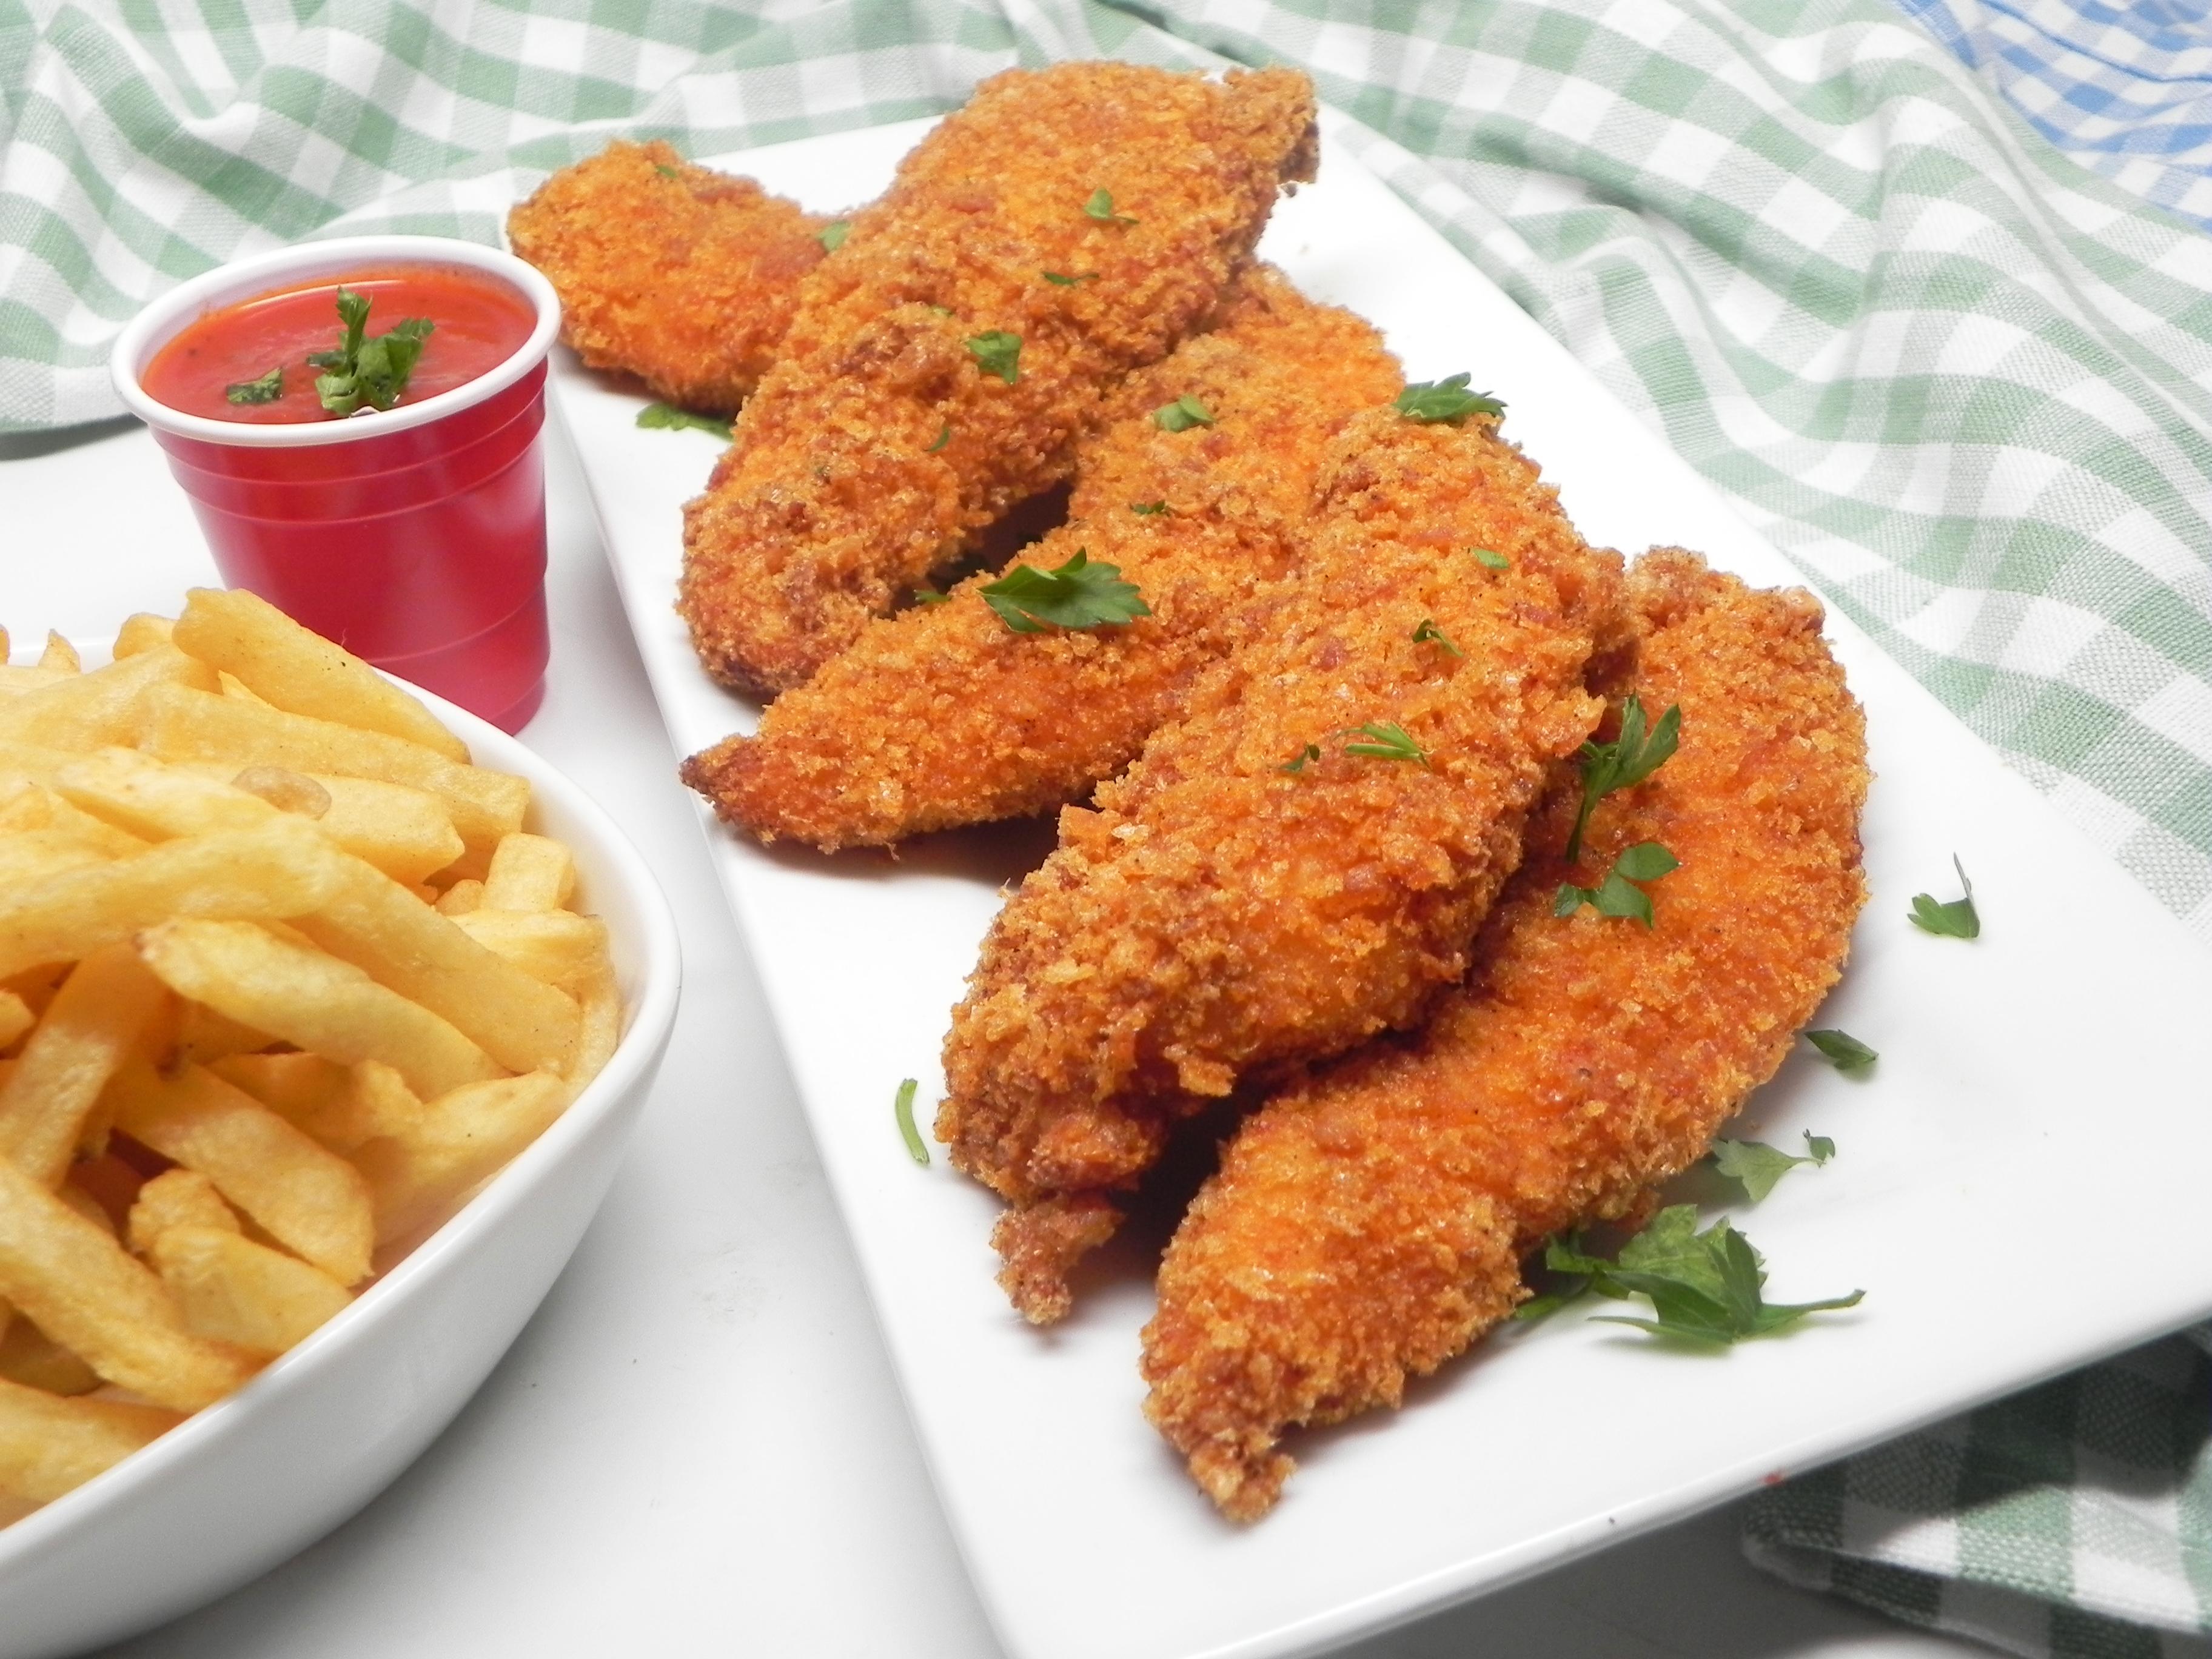 Air Fryer Bbq Cheddar Stuffed Chicken Breasts Recipe Allrecipes